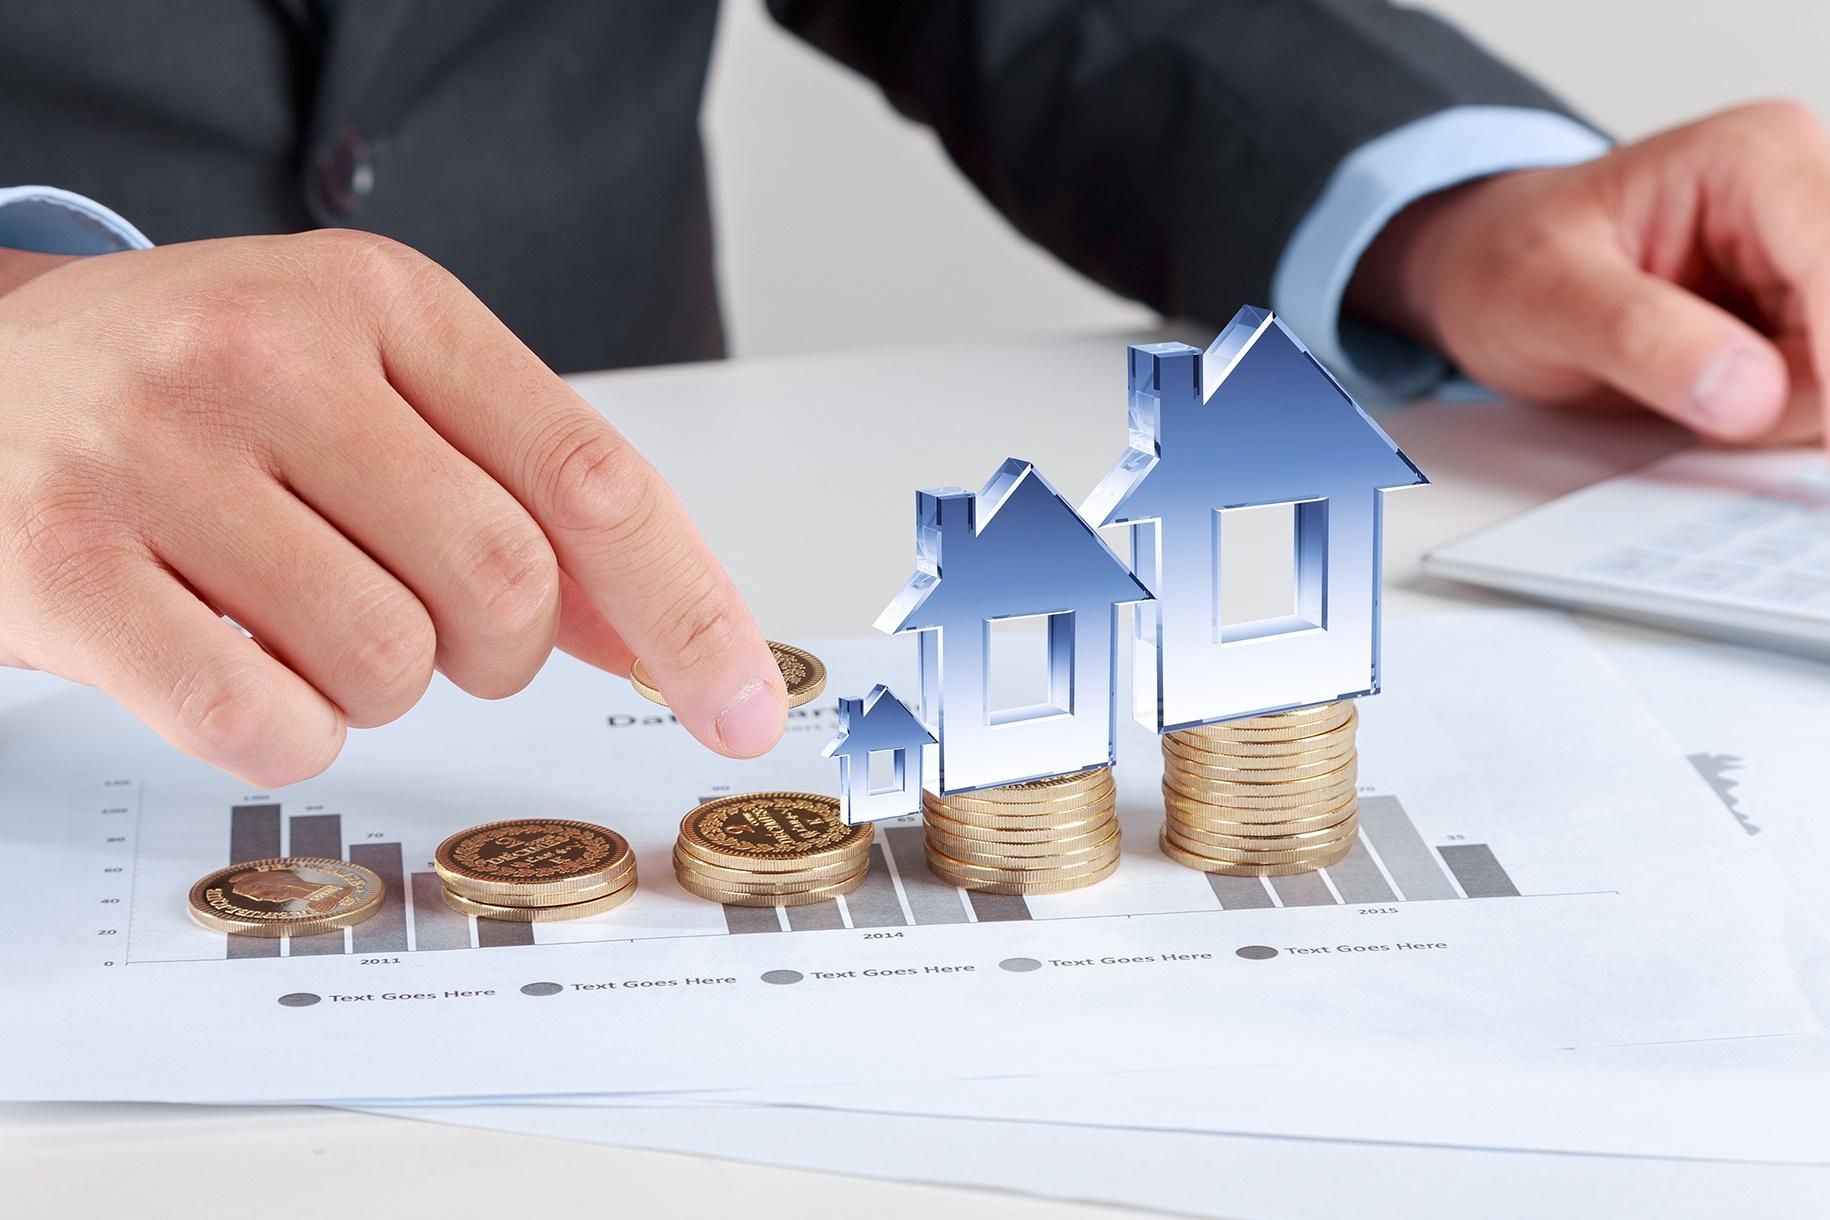 机构:1月下旬到2月全国房地产市场成交量跌幅80%以上